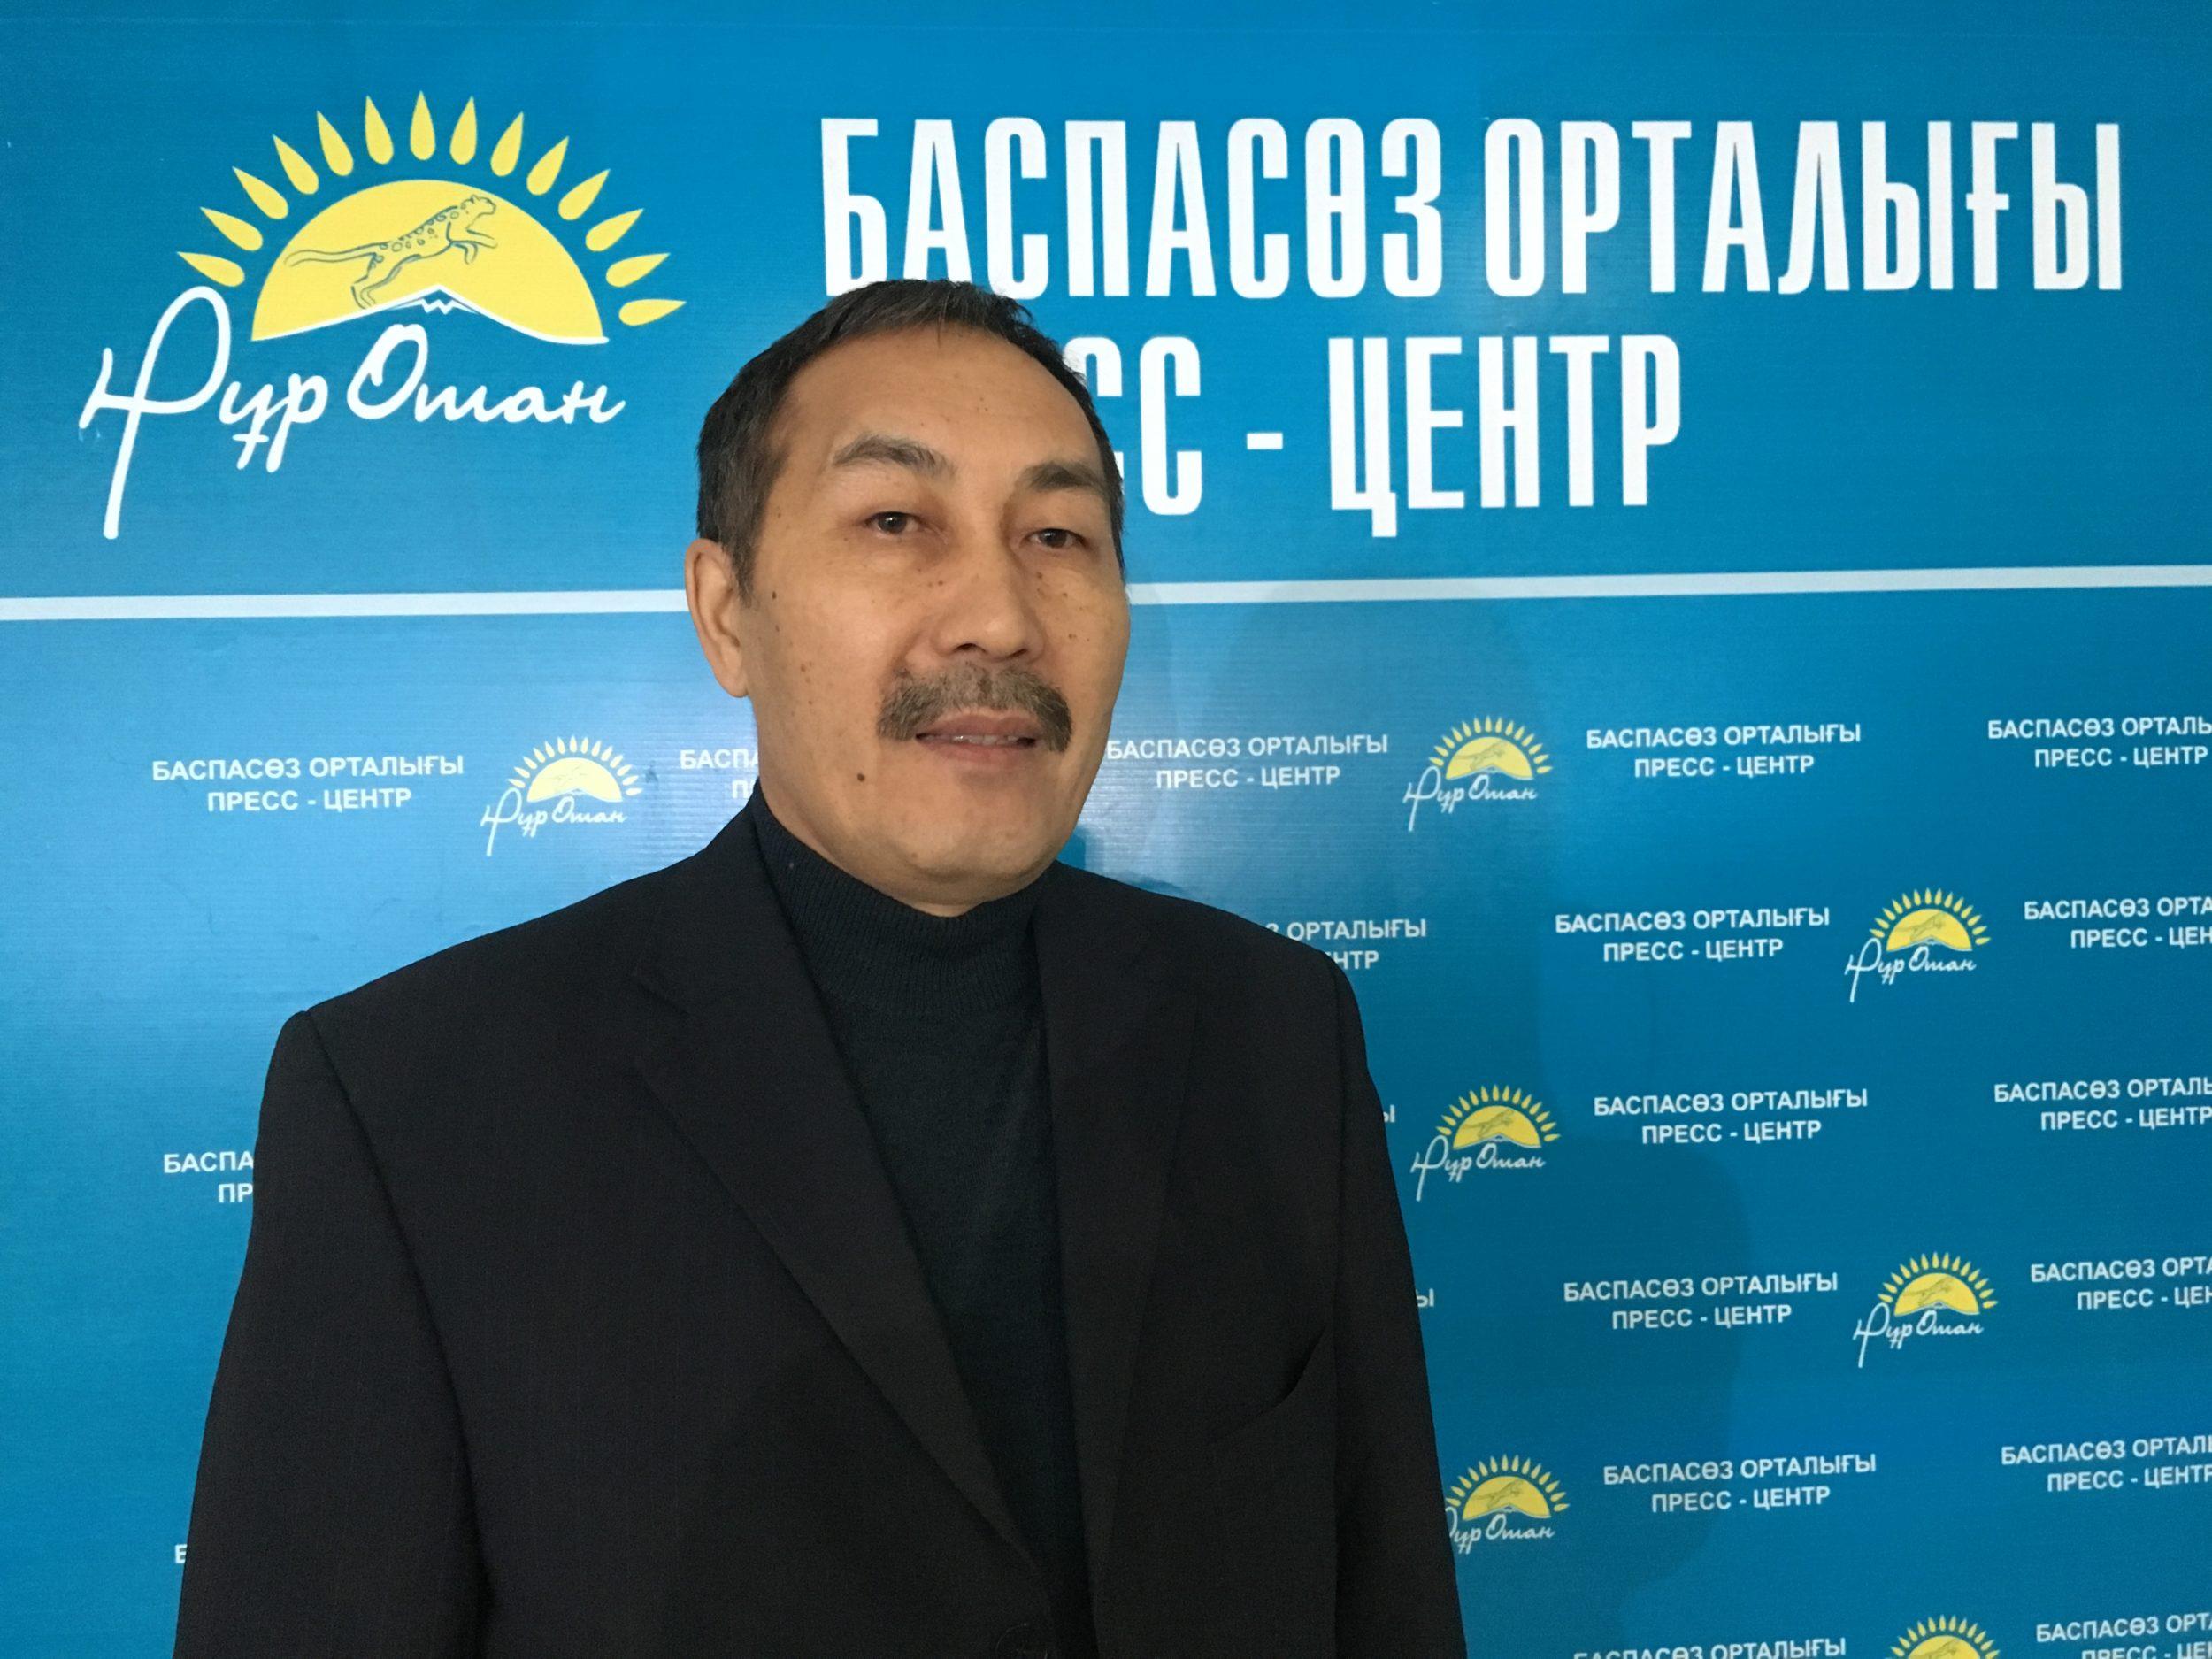 Серік Ерғали